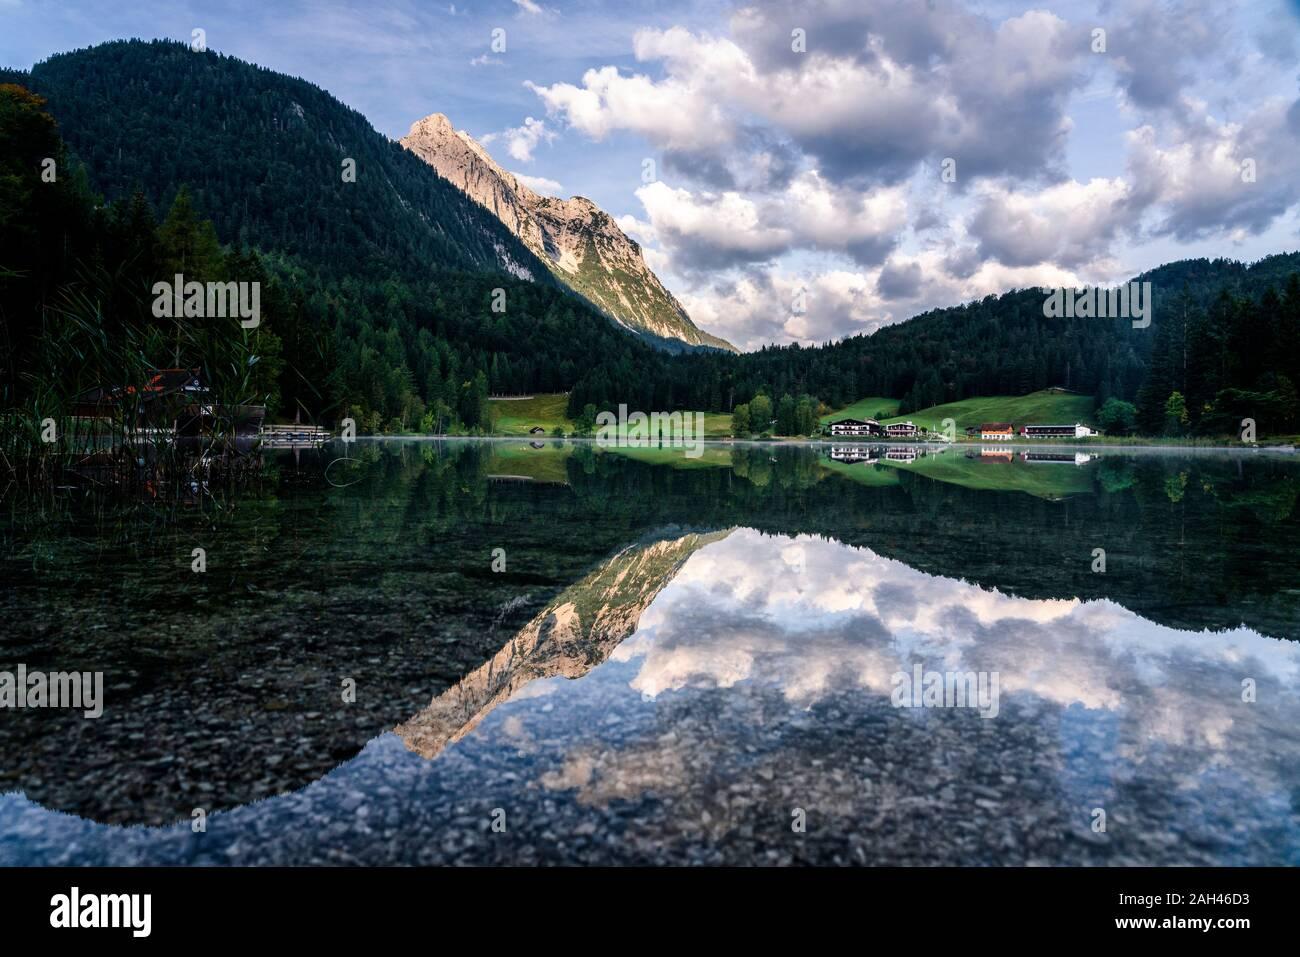 Alemania, Baviera, vista panorámica del lago Lautersee brillante Foto de stock